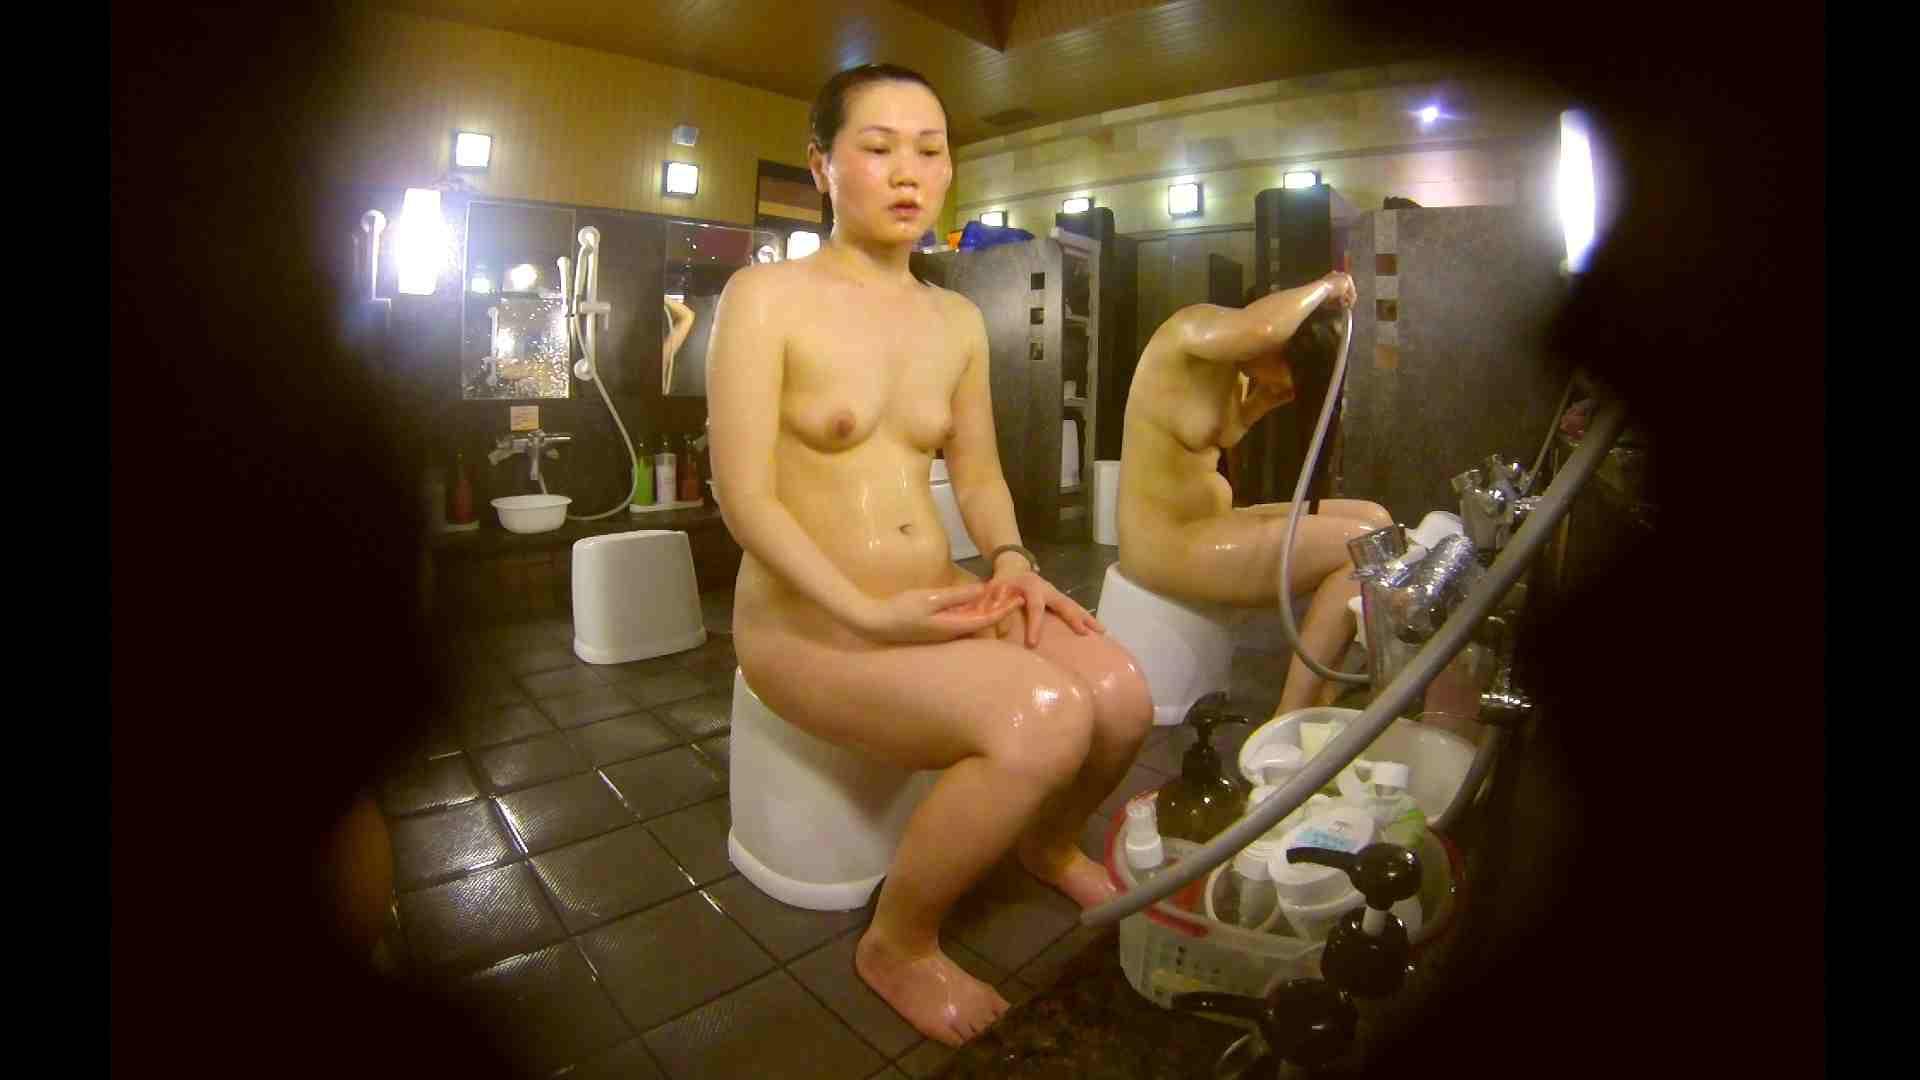 おまんこ丸見え オムニバス!洗い場、通路など色々な裸体が見れてお得です。 怪盗ジョーカー